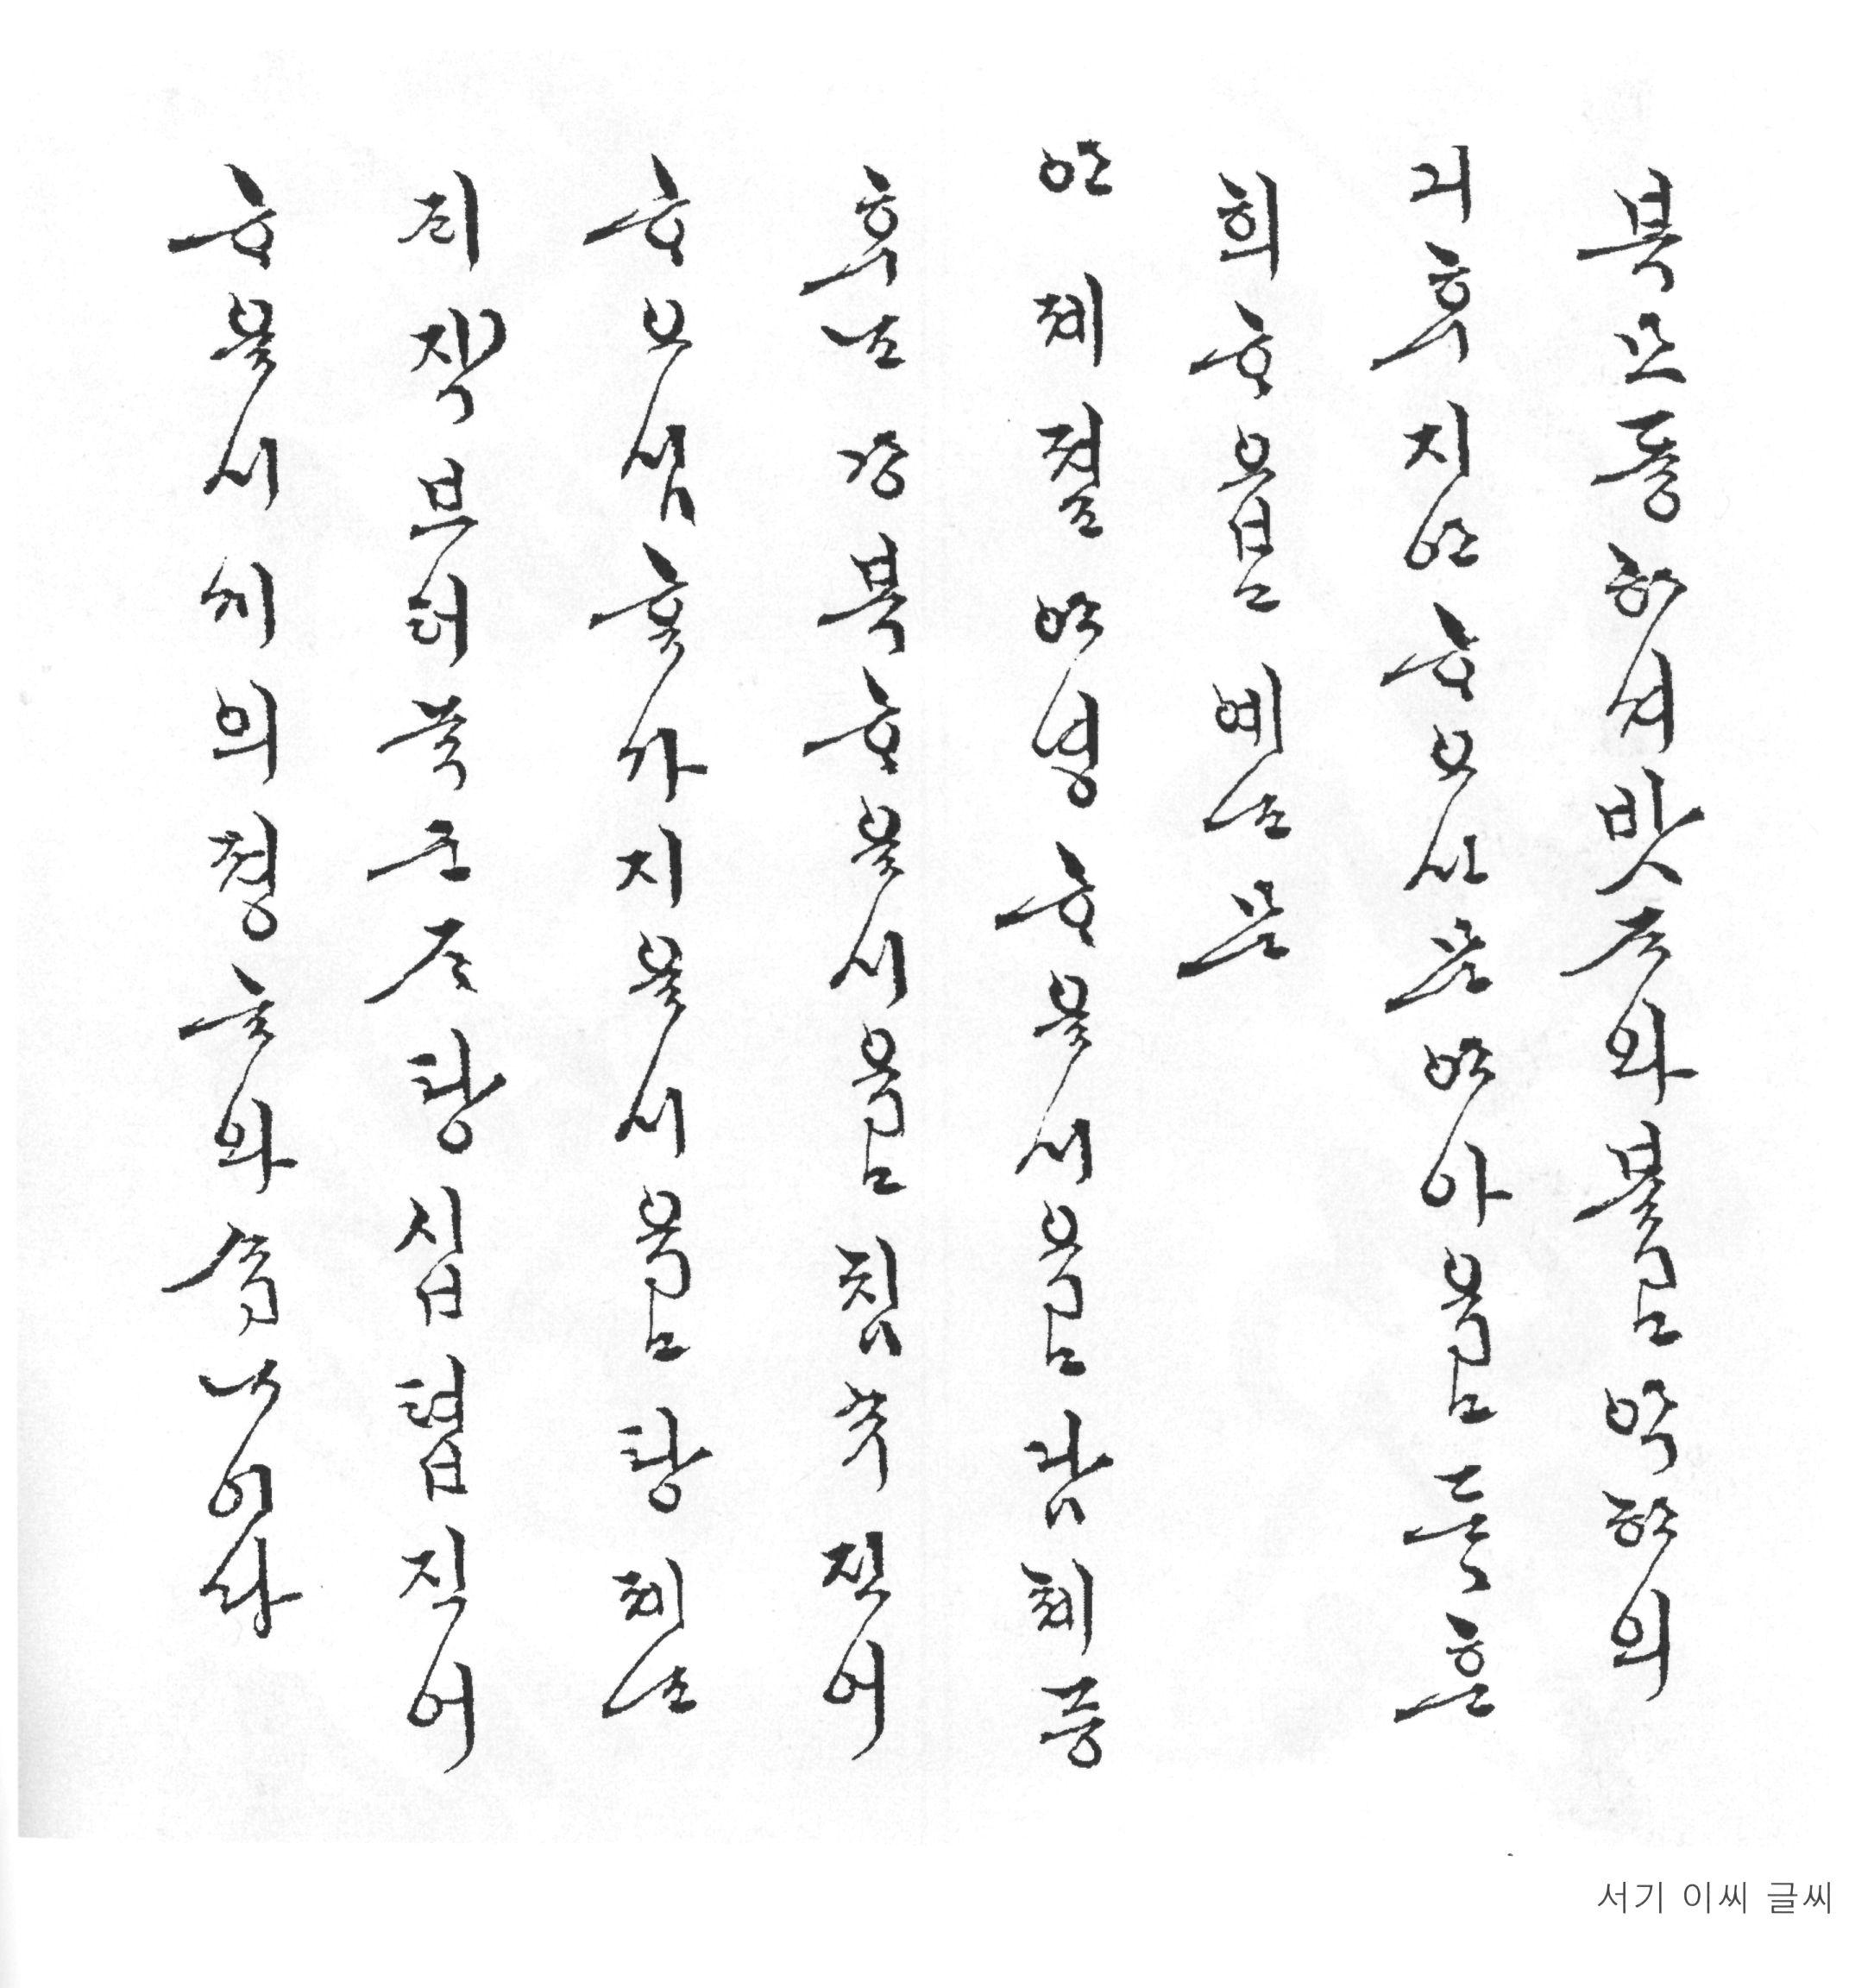 t115r1이나은_06 한권으로쓰는한글서예-이재옥-서기이씨글씨-220p